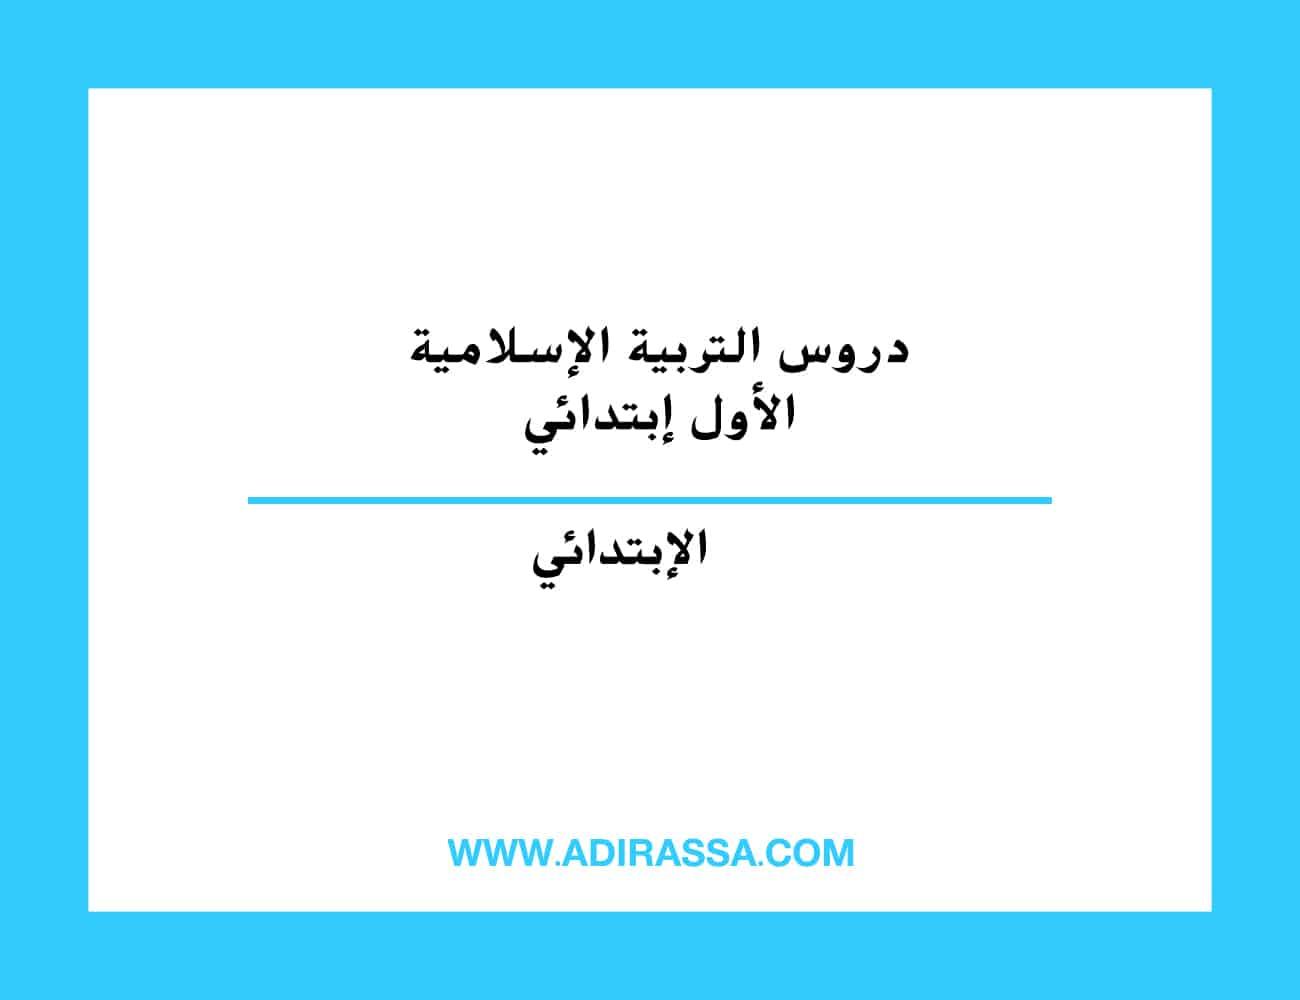 دروس التربية الإسلامية الأول ابتدائي المقررة بالمدرسة المغربية